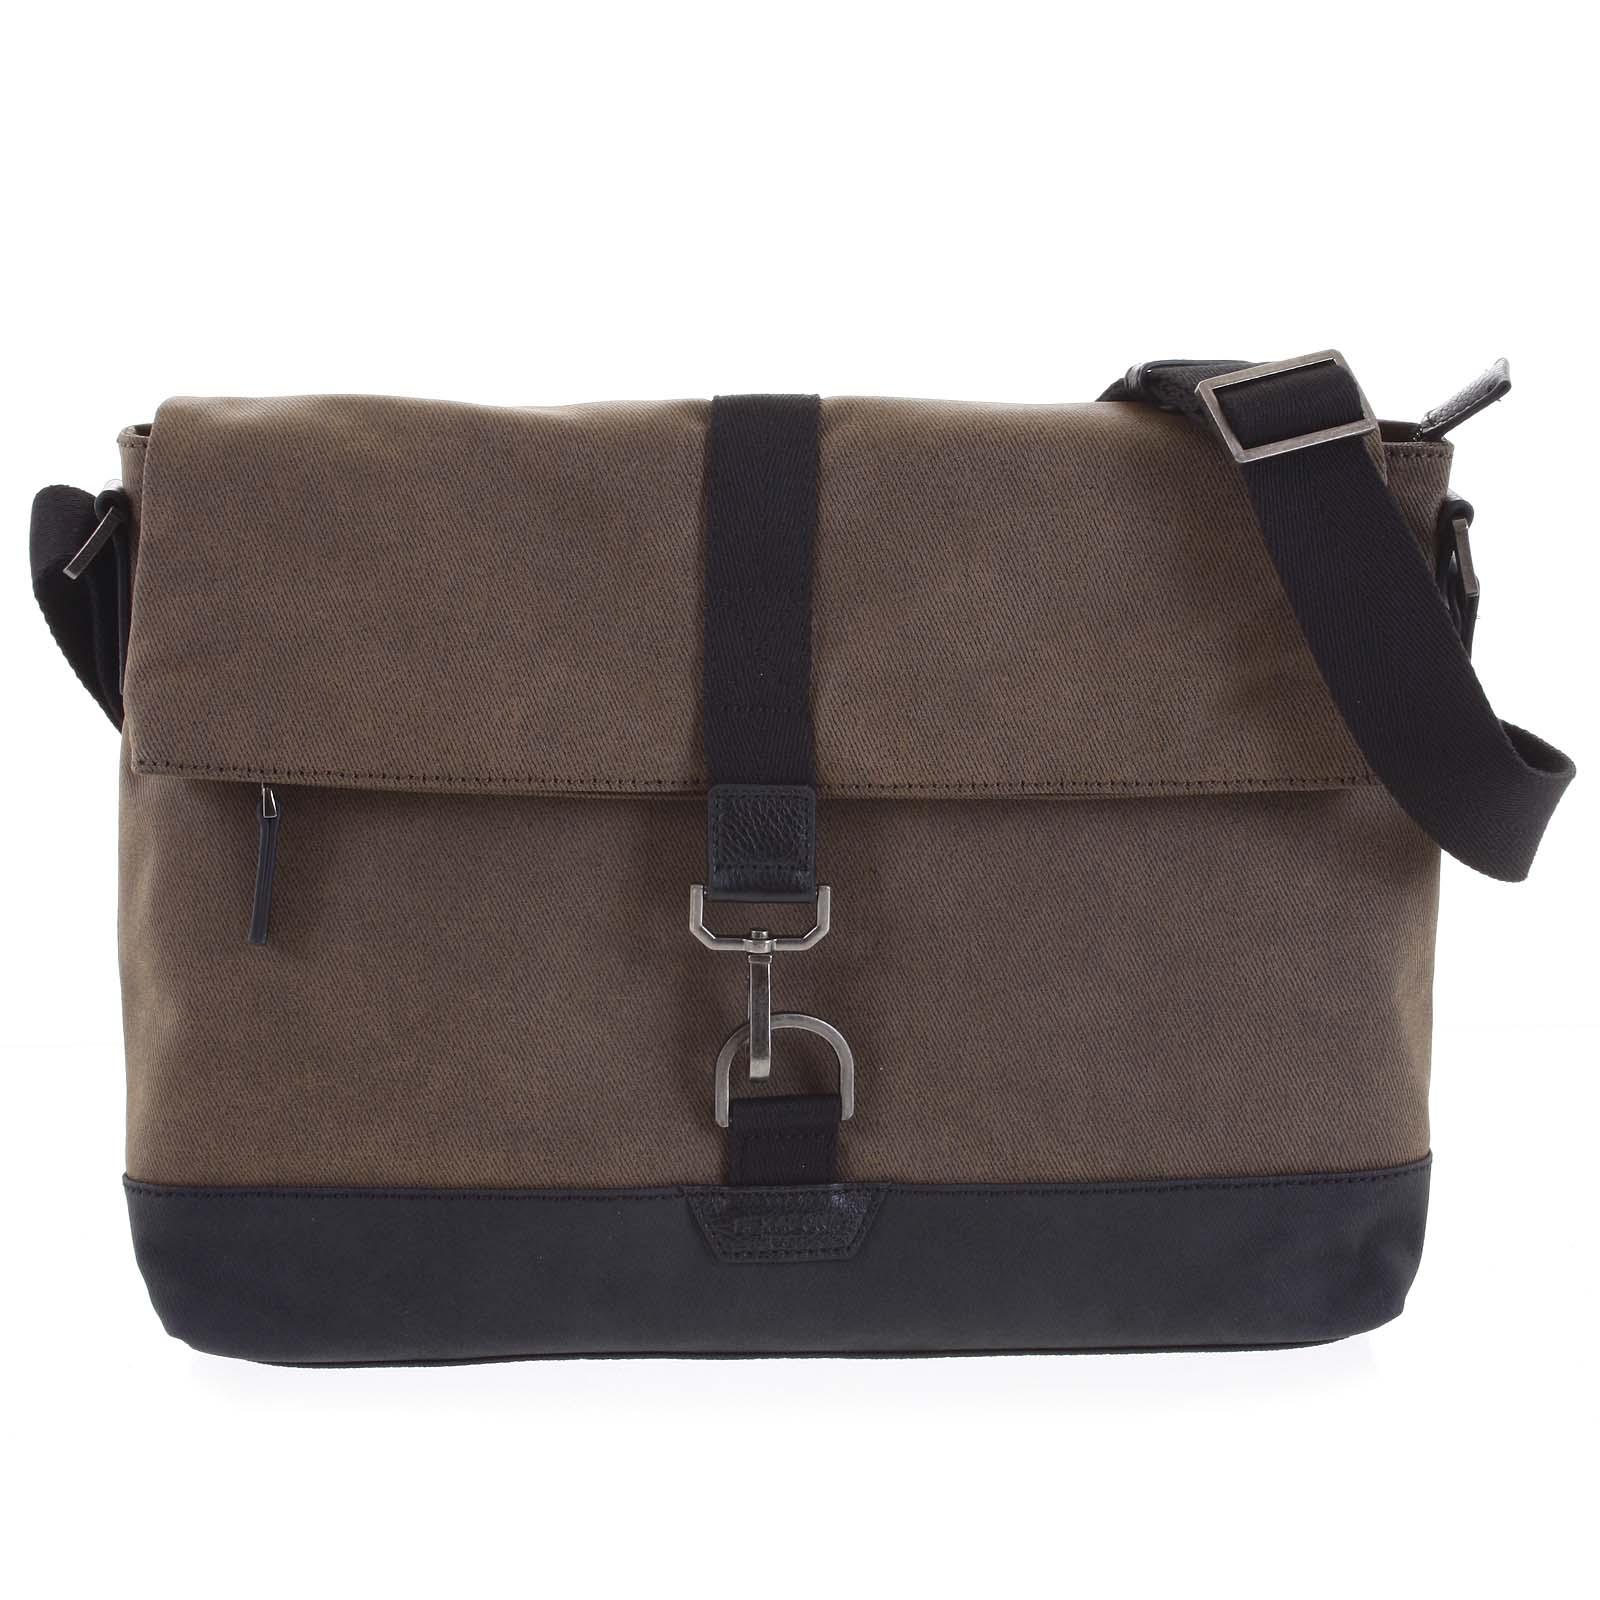 Pánska taška na notebook hnedá - Hexagona Cladrien hnedá